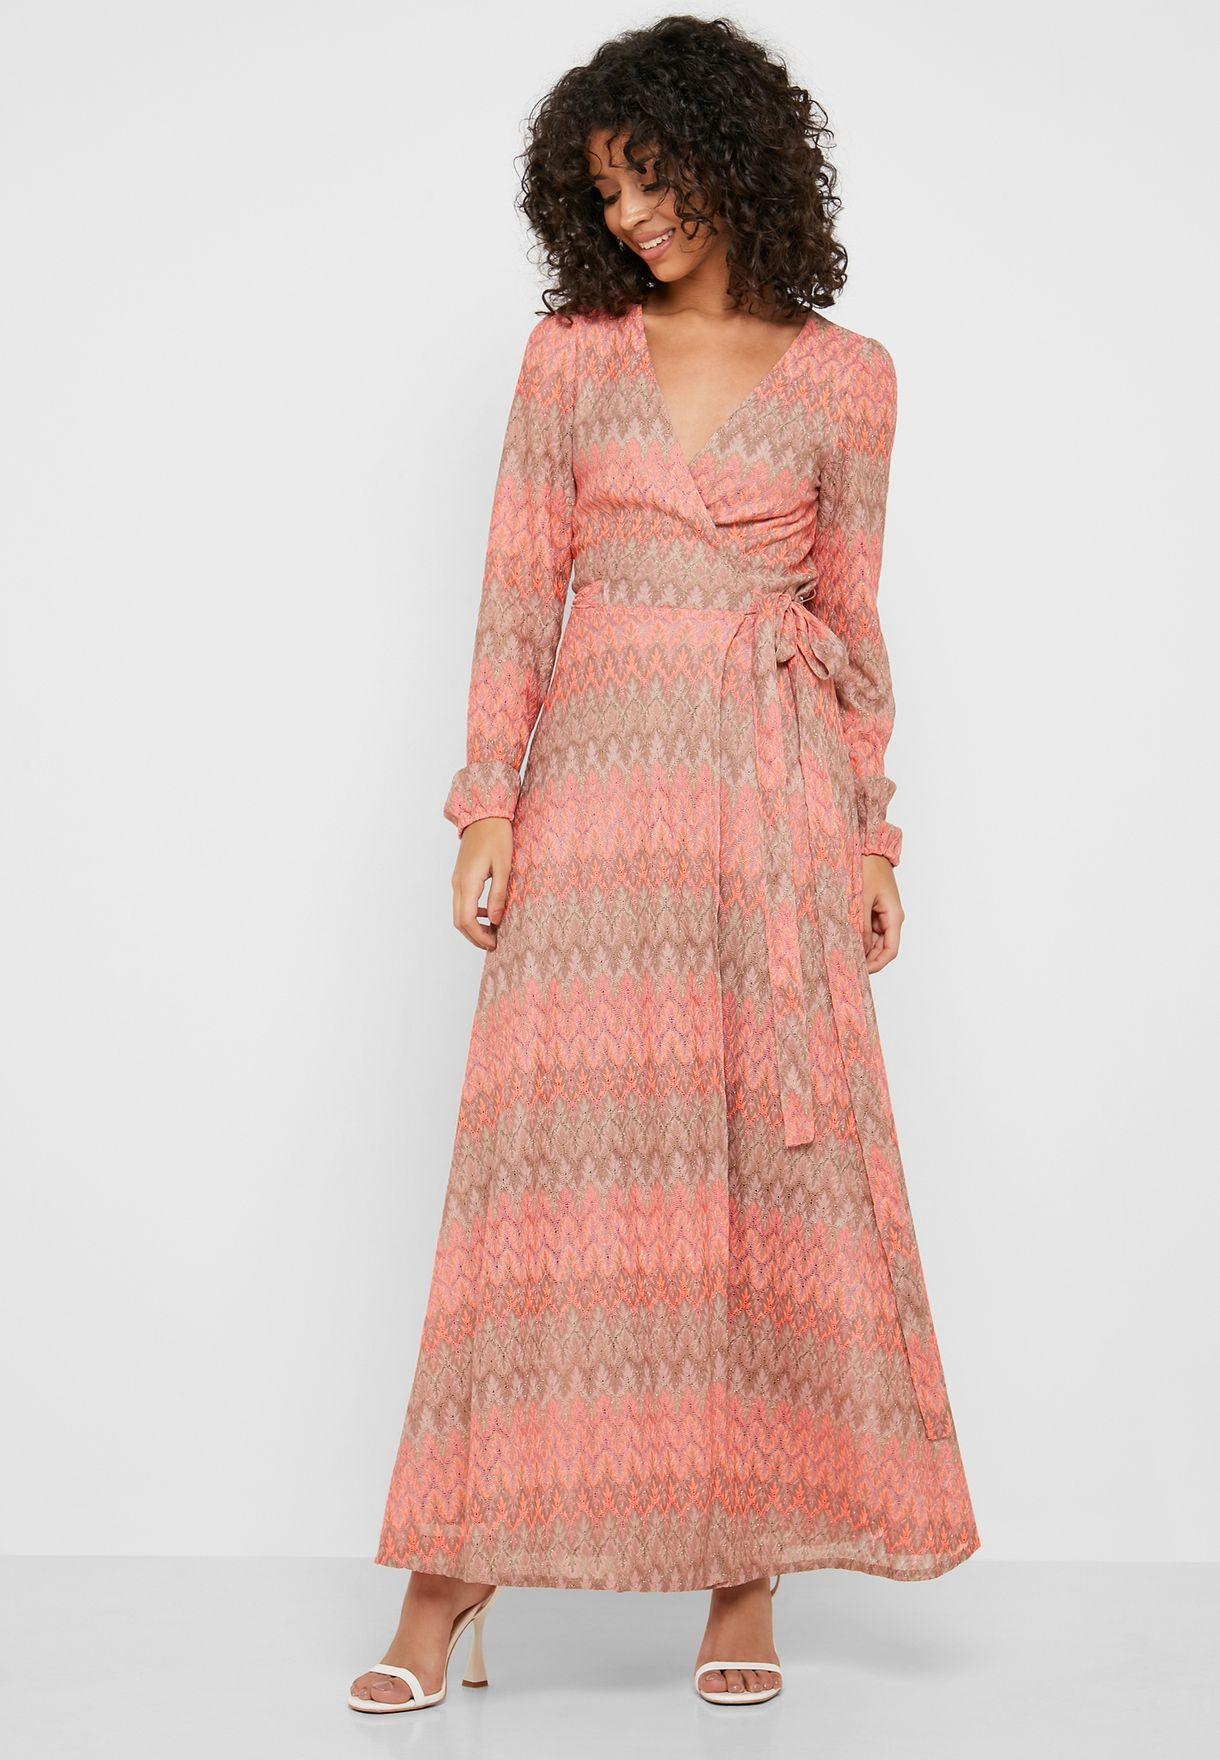 فستان مكسي بنمط لف مع طبعات واربطة